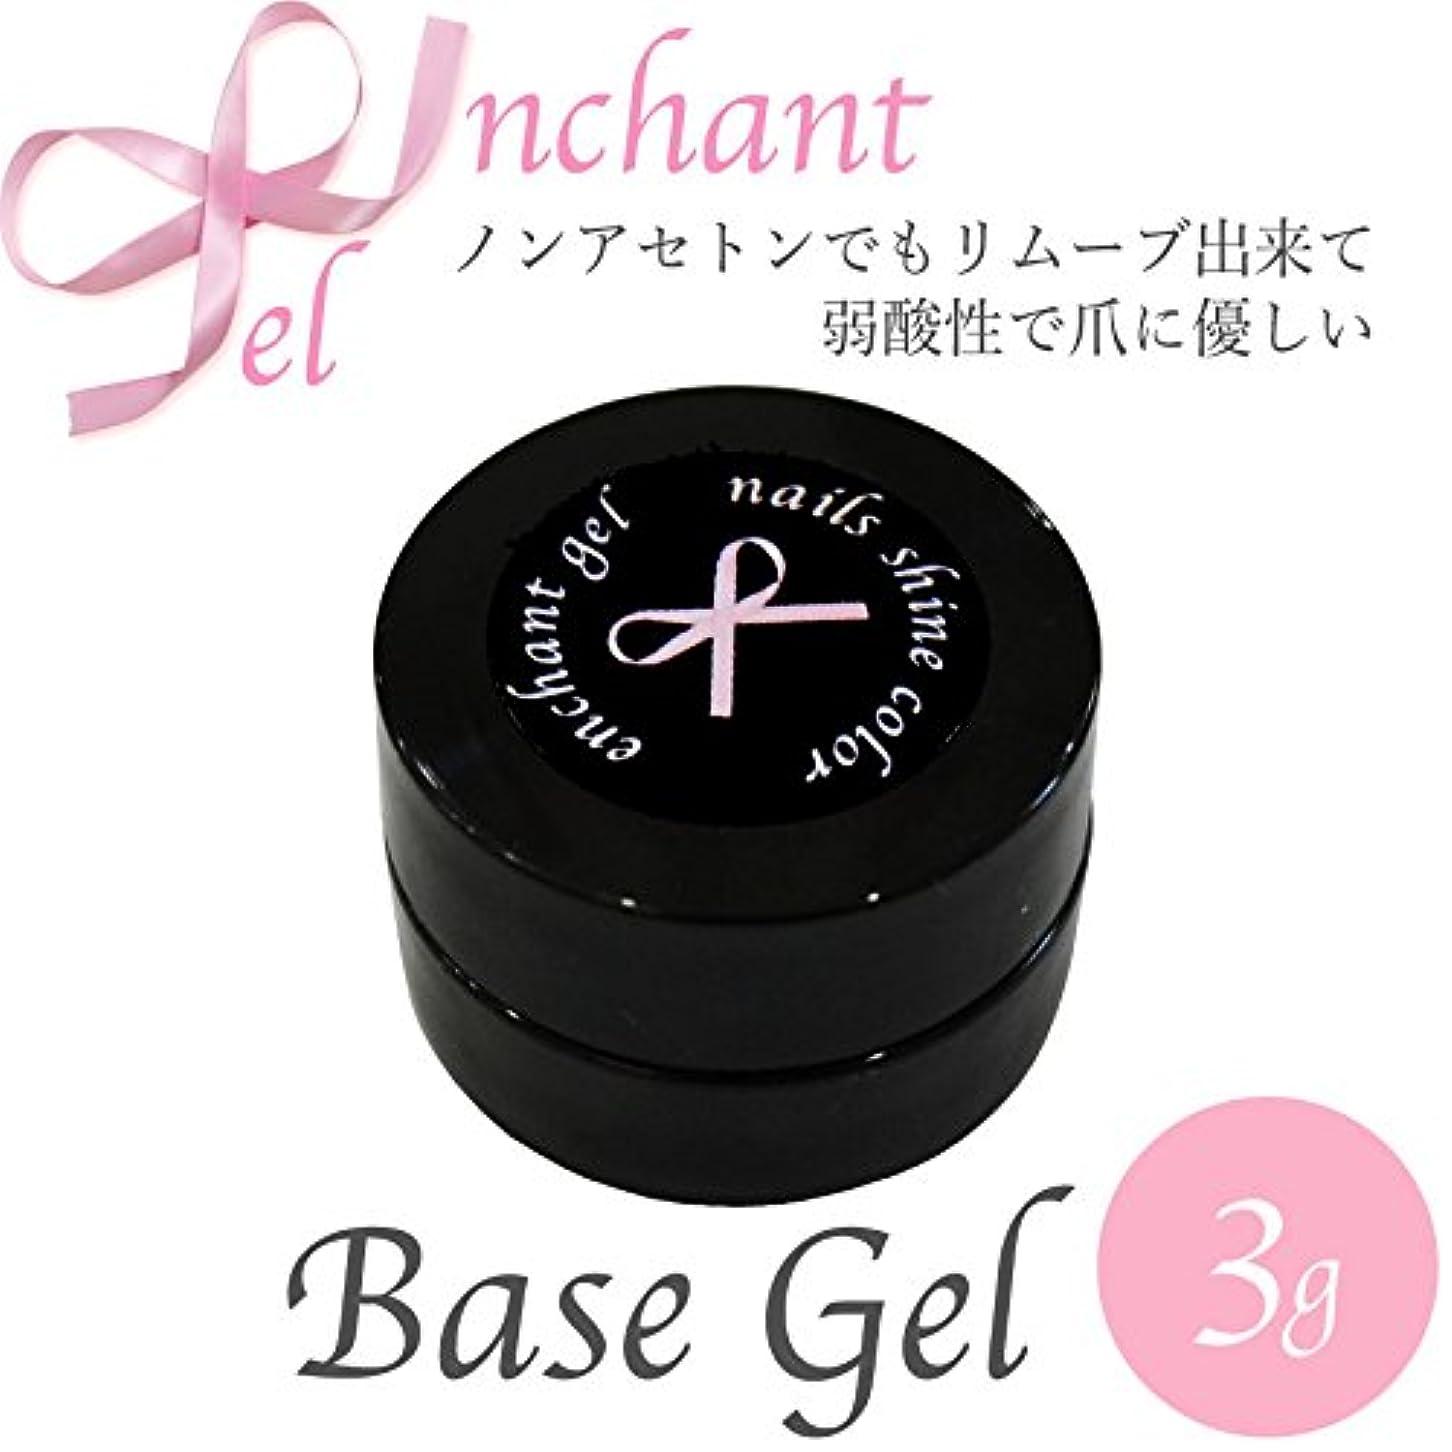 威する証明サージenchant gel clear base gel 3g/エンチャントジェル クリアーベースジェル 3グラム